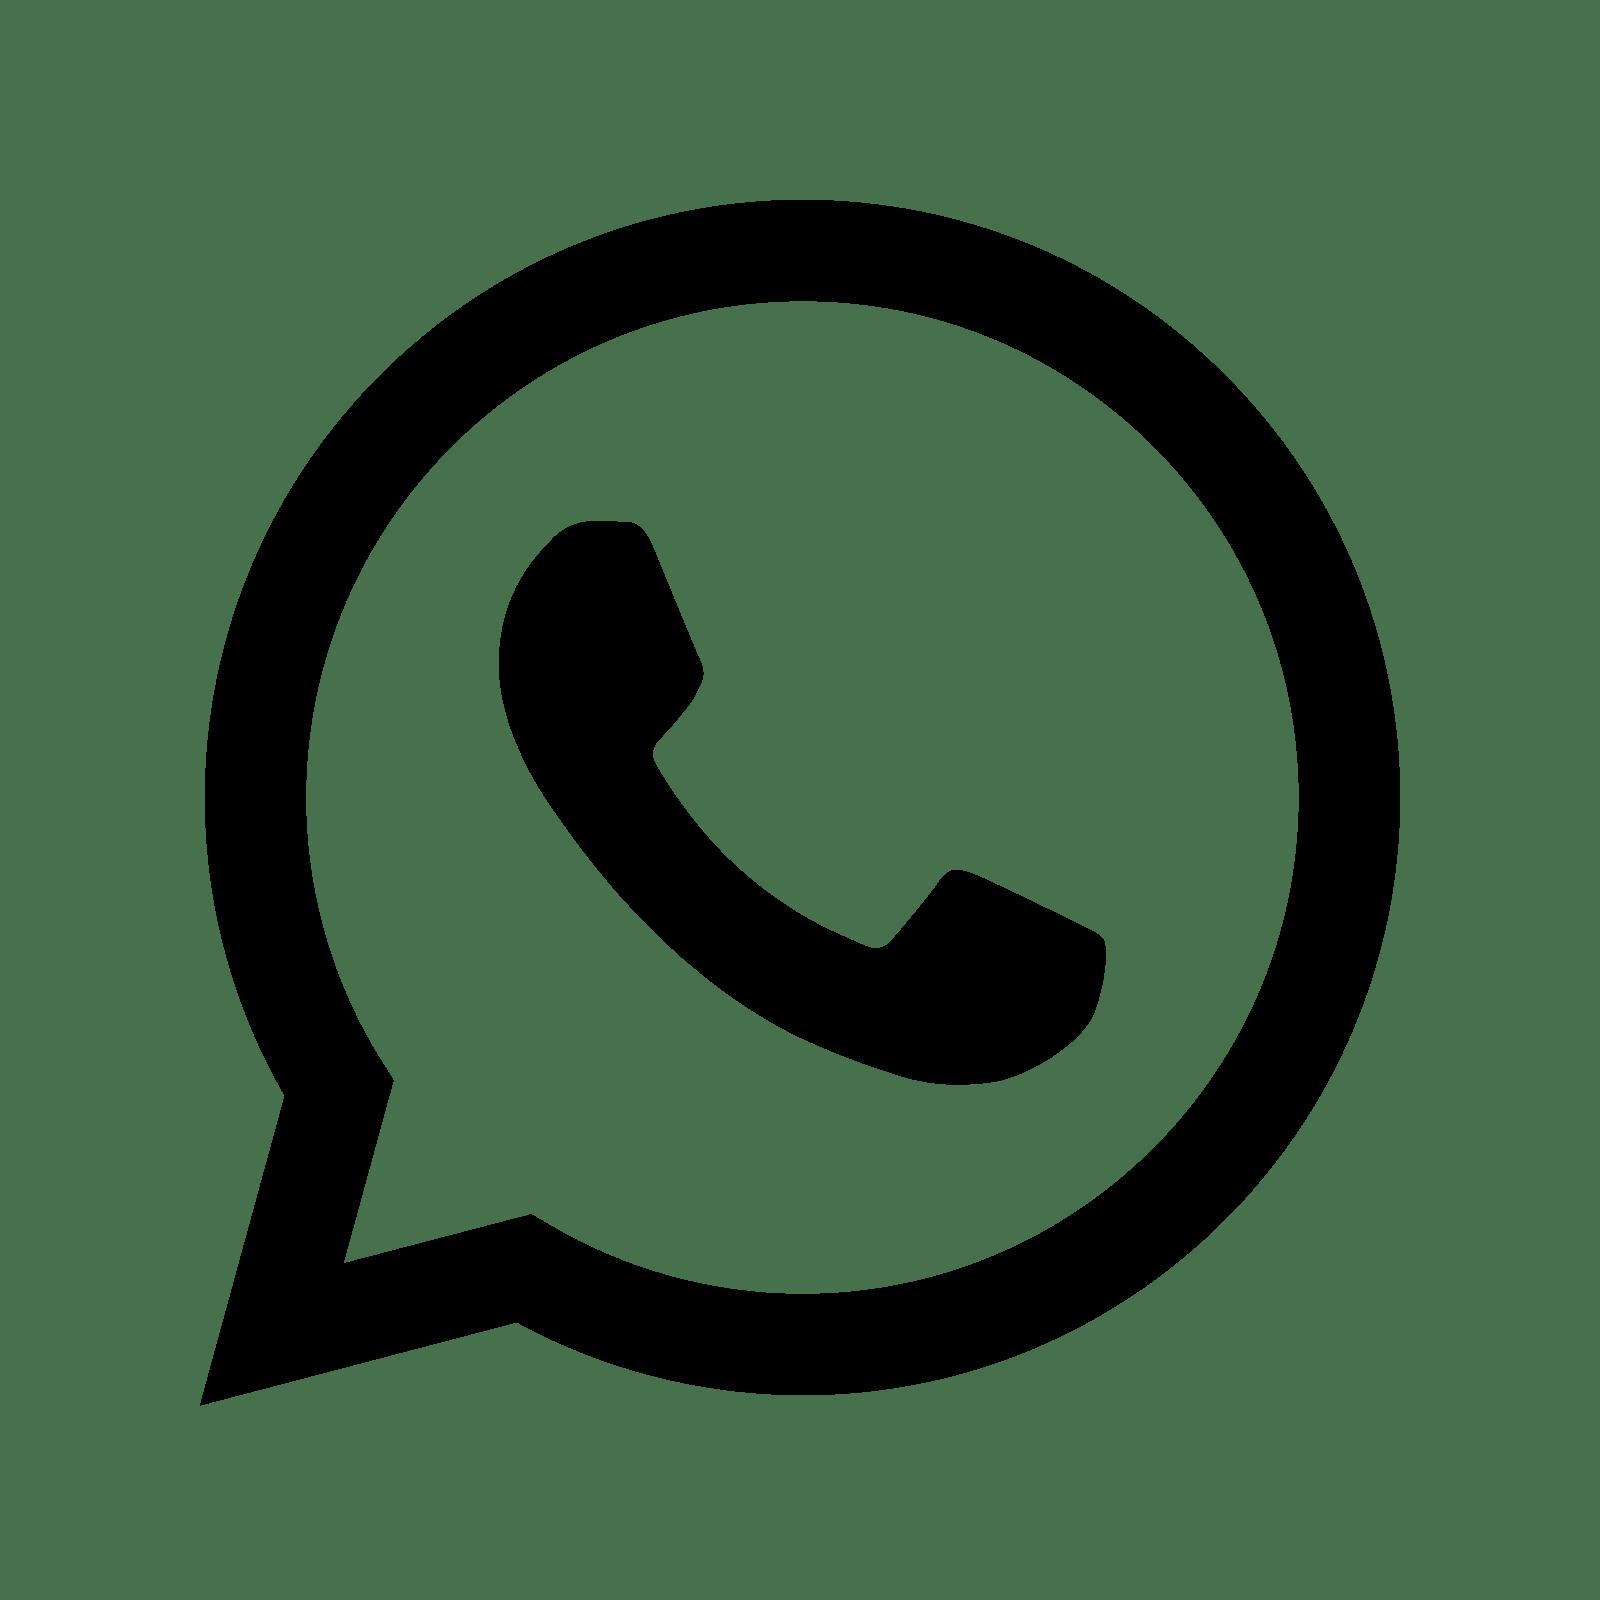 Whatsapp Icon Png Logo Aplikasi Desain Logo Bisnis Manipulasi Foto